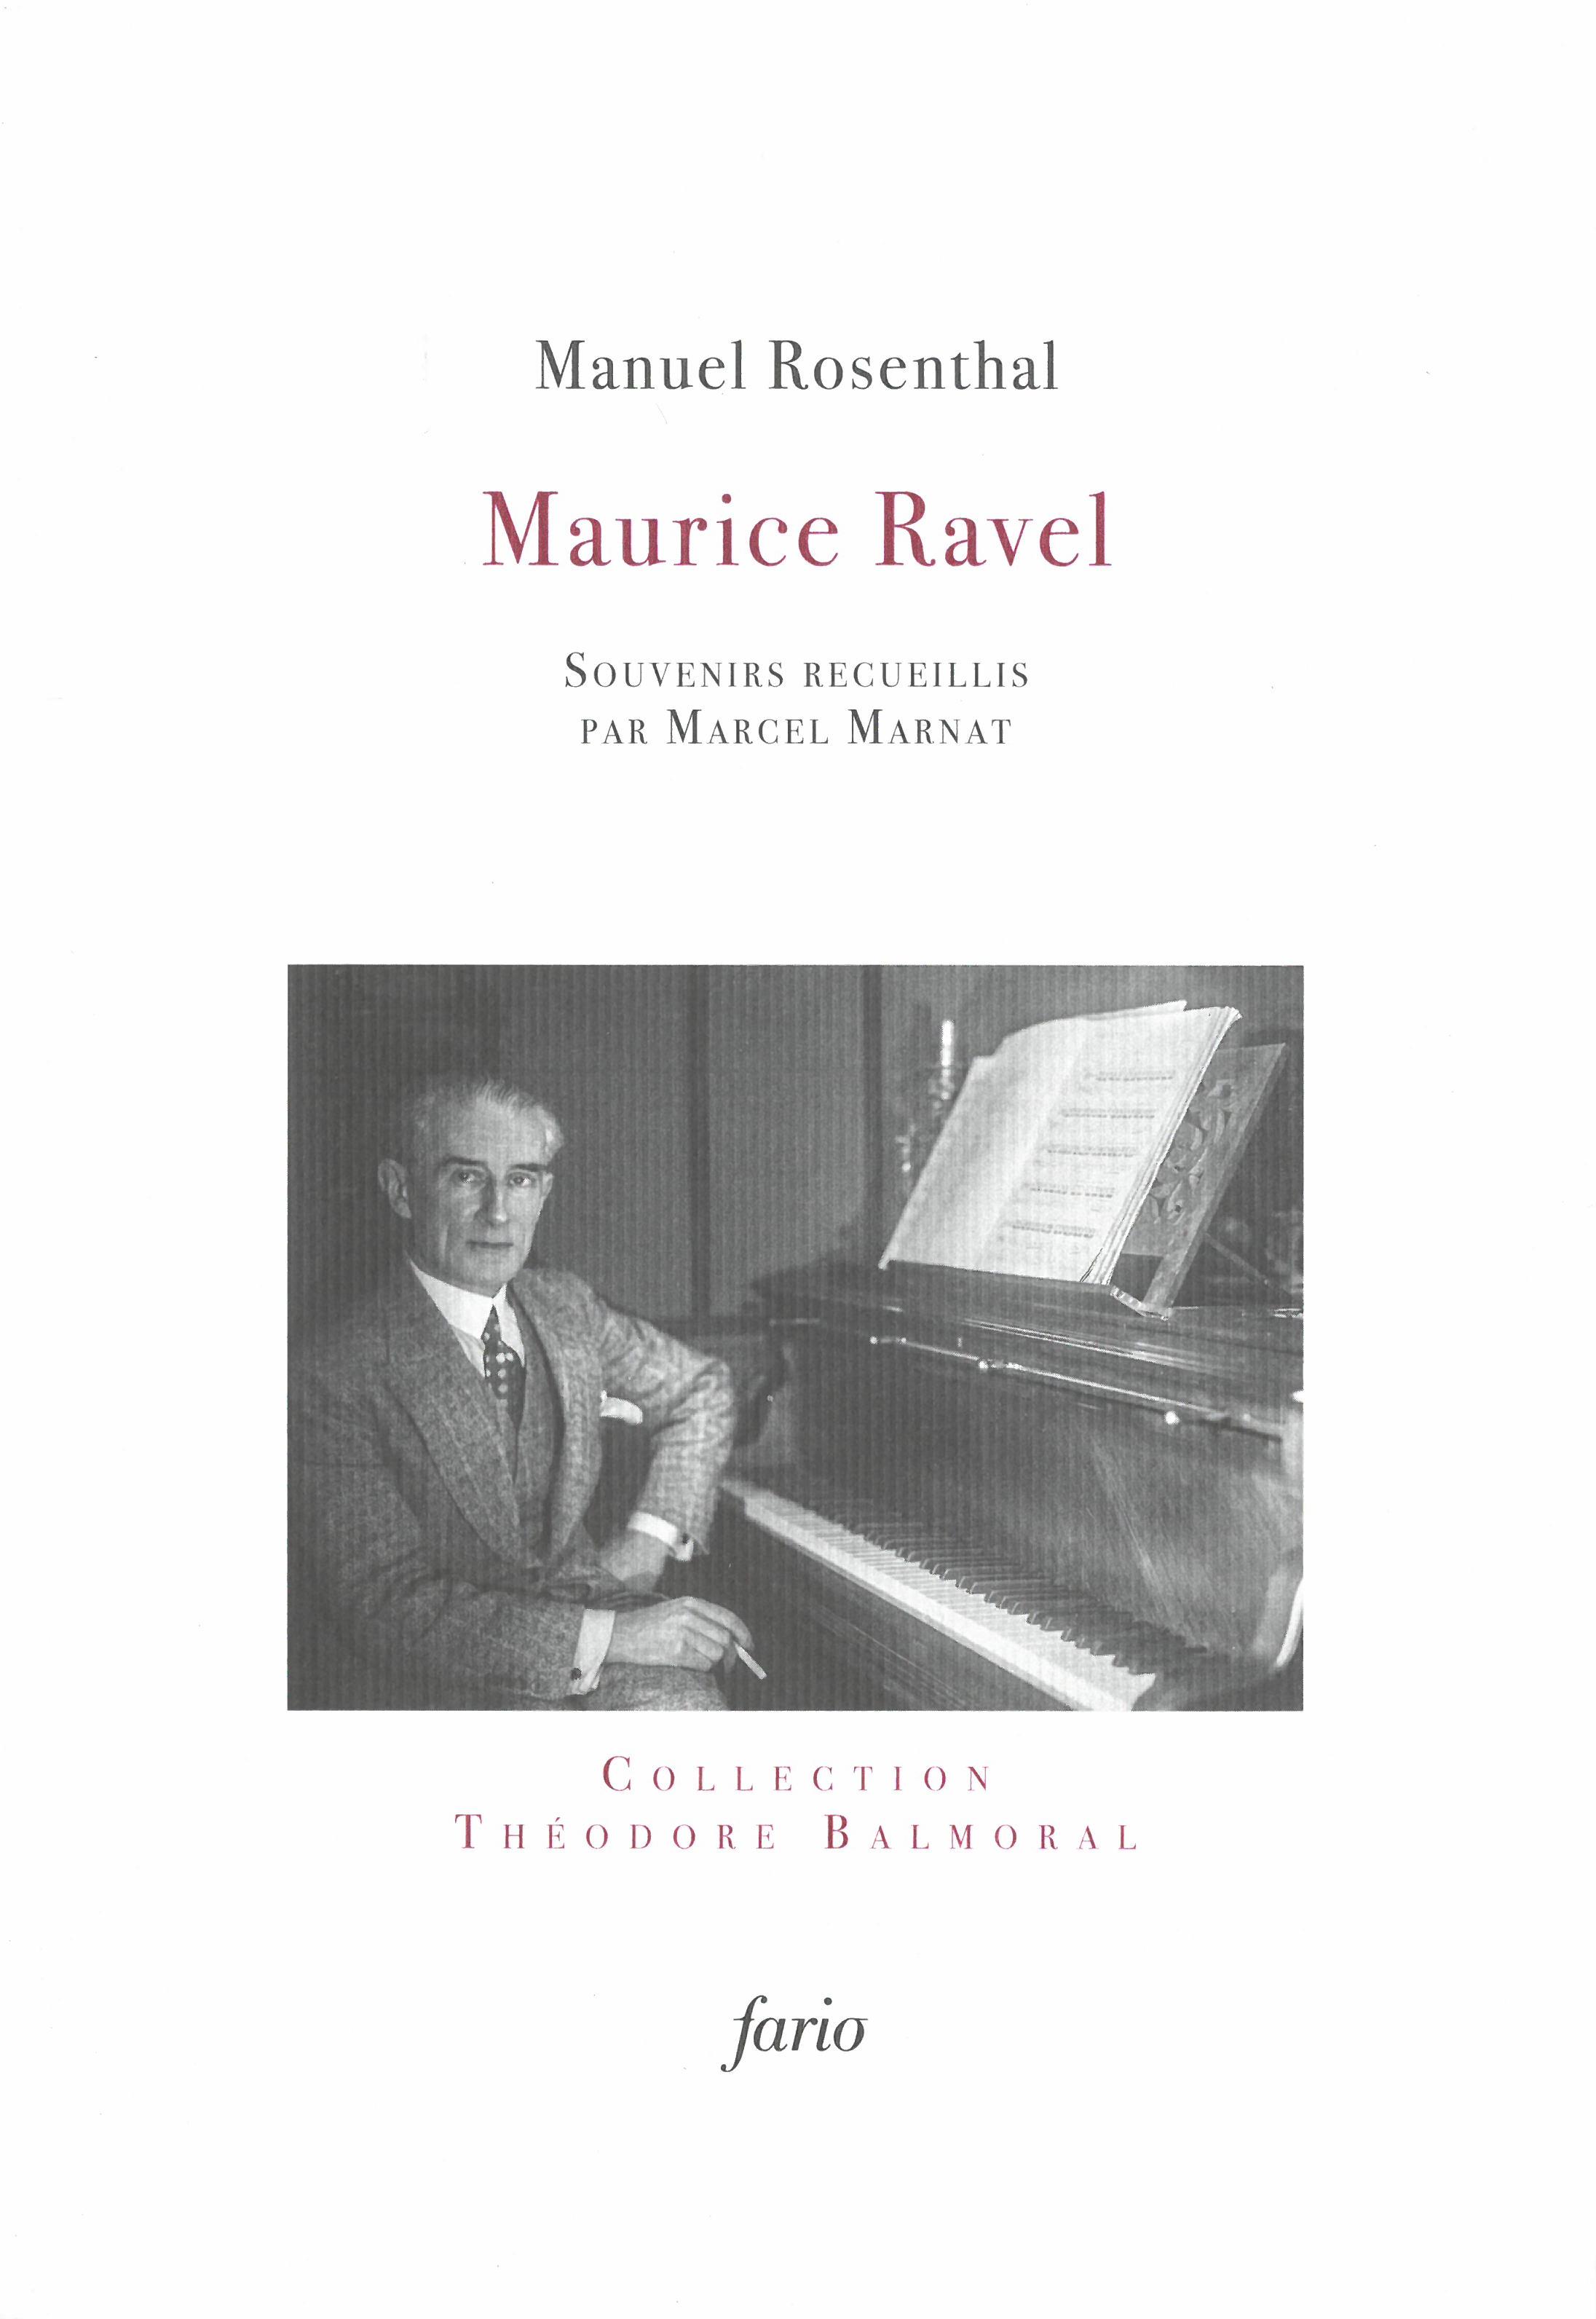 MAURICE RAVEL - SOUVENIRS RECUEILLIS L